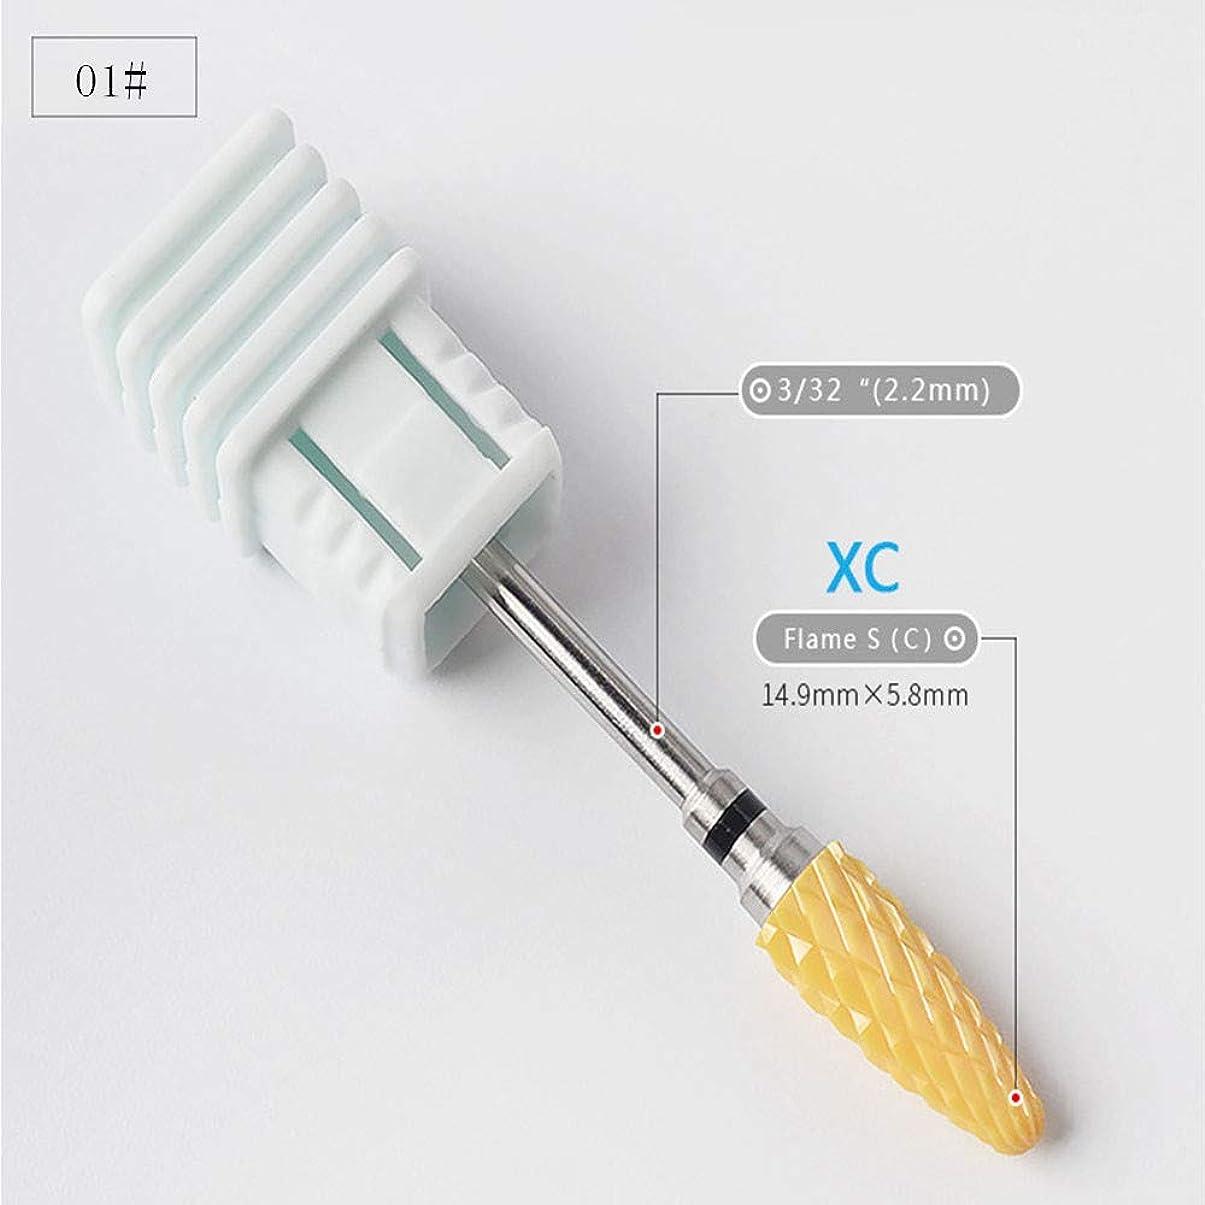 スパイコンパス人差し指ネイル研削ヘッド セラミック 爪磨き ドリルビット ネイルツール (XC)